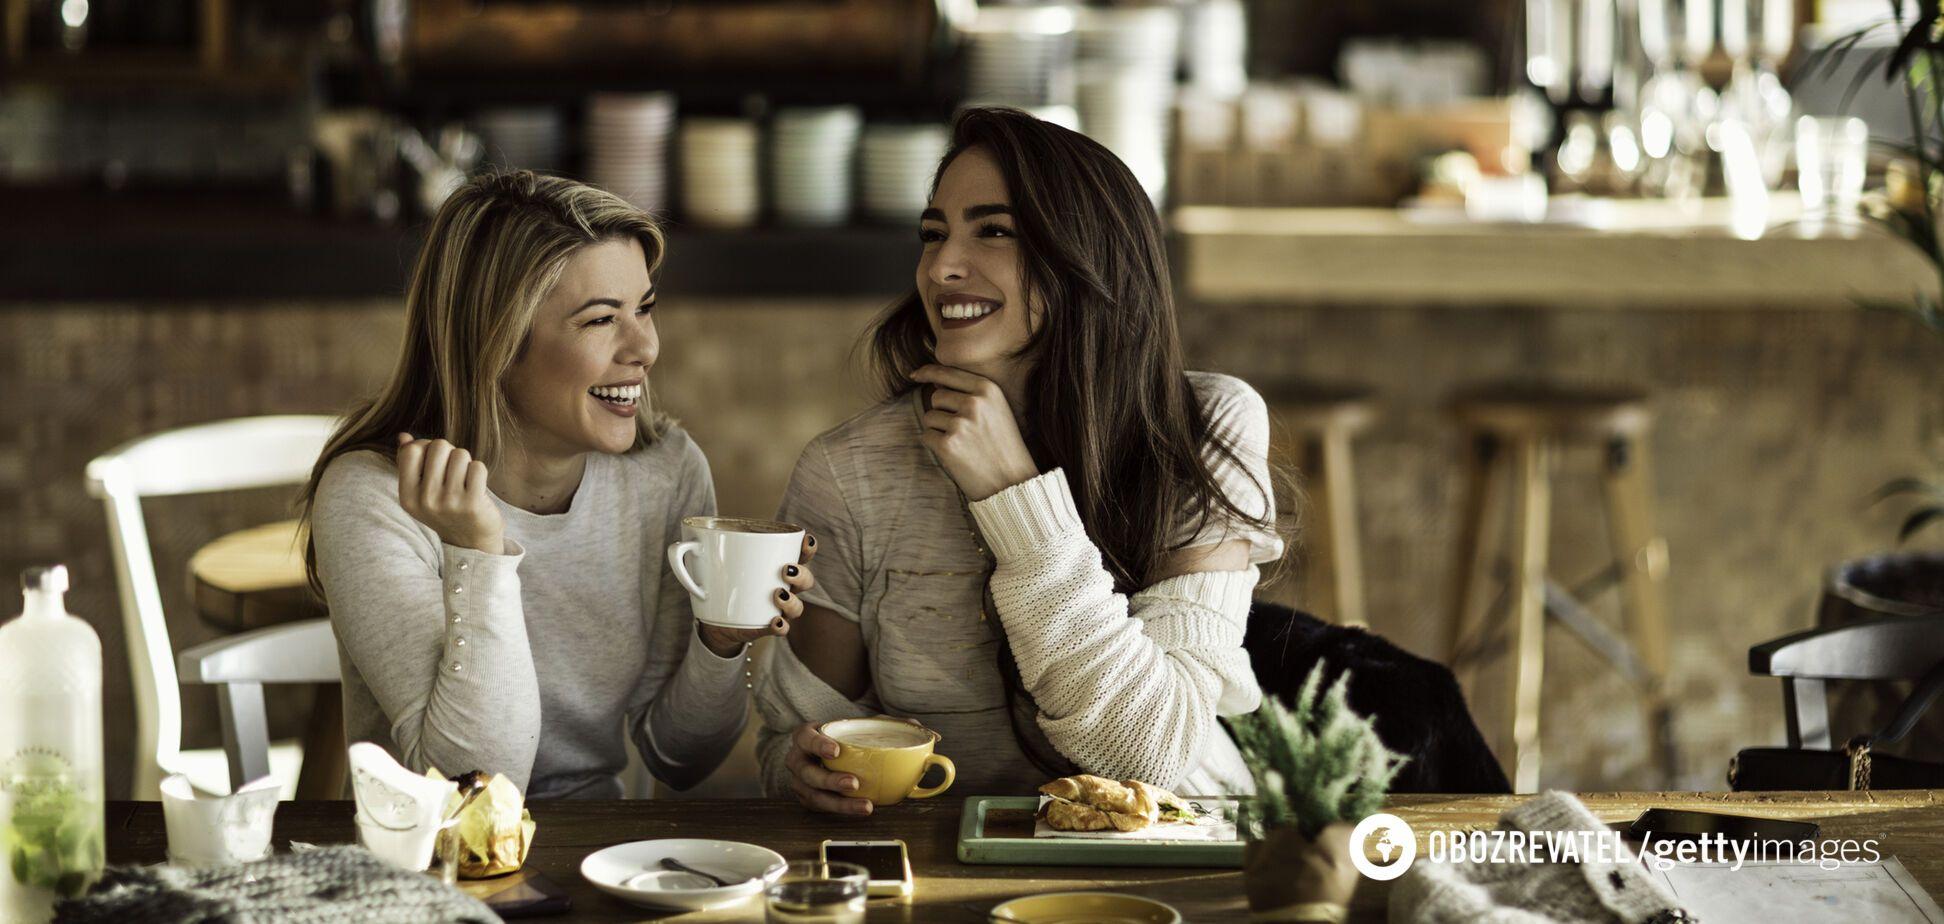 Вредно или полезно? Как кофе влияет на организм